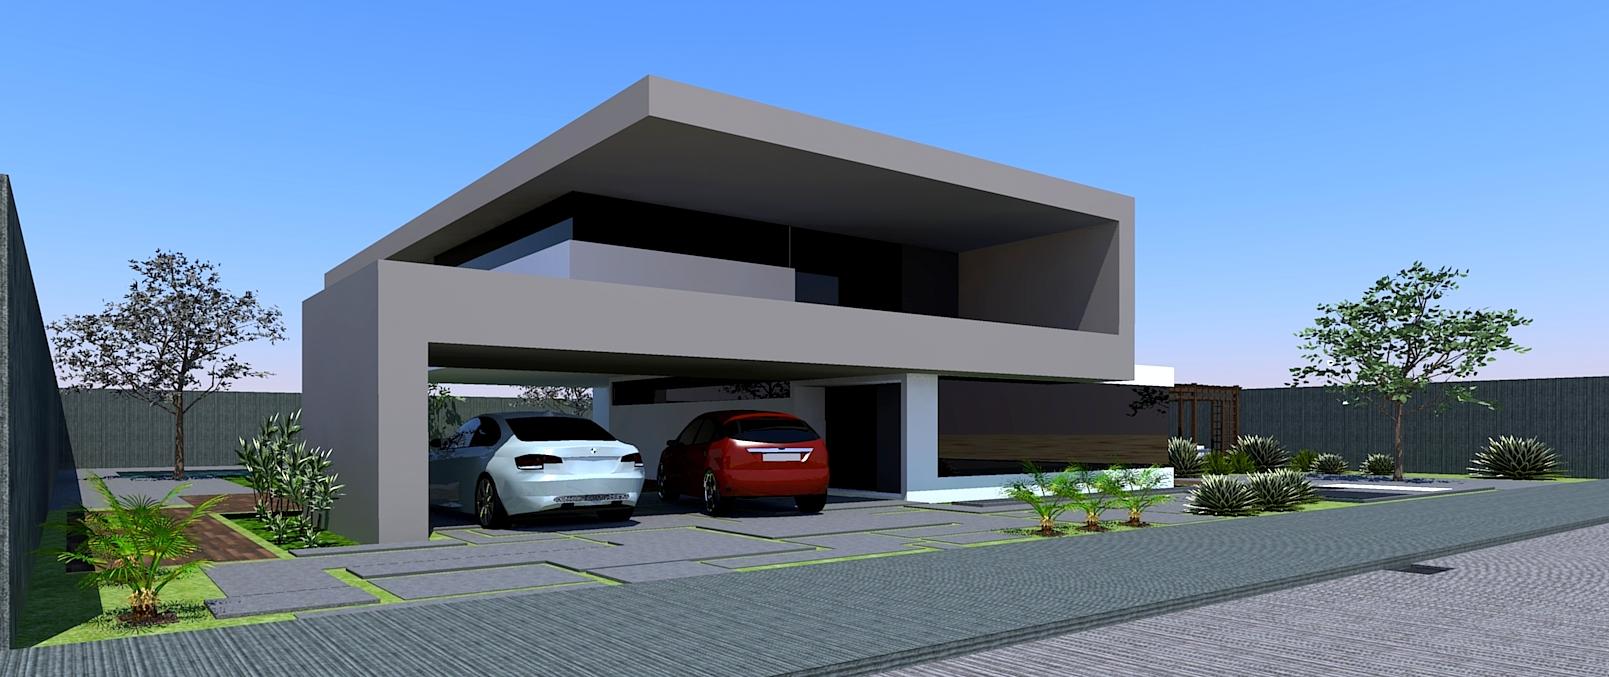 Fachadas de casas com garagem dicas fotos e projetos for Fachadas duplex minimalistas